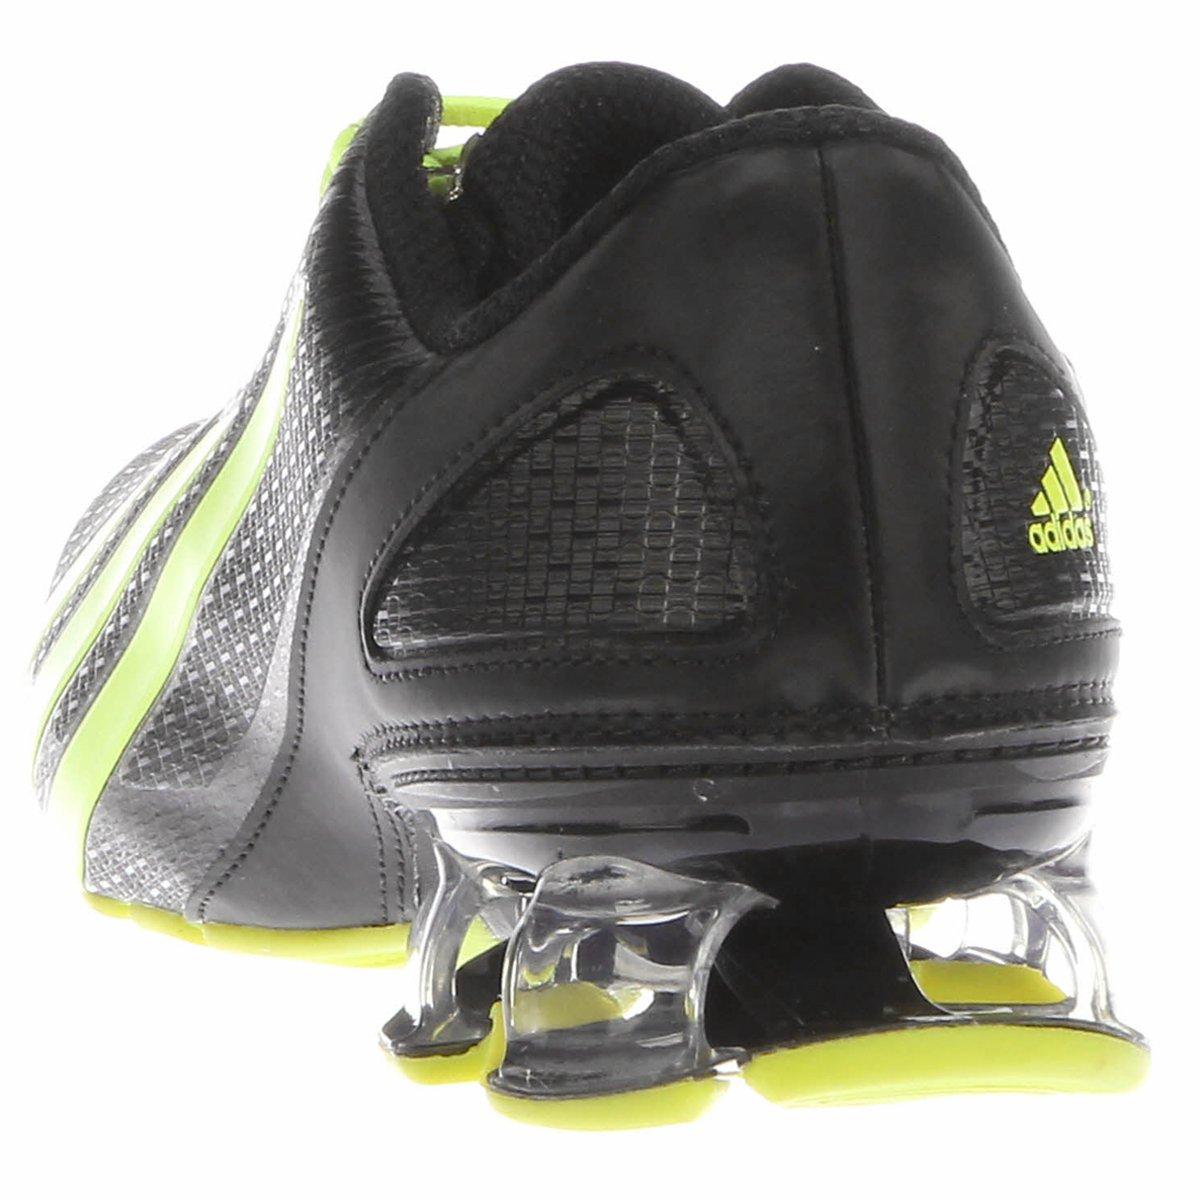 Tênis Adidas Meteor - Compre Agora  a805842f5ef3b